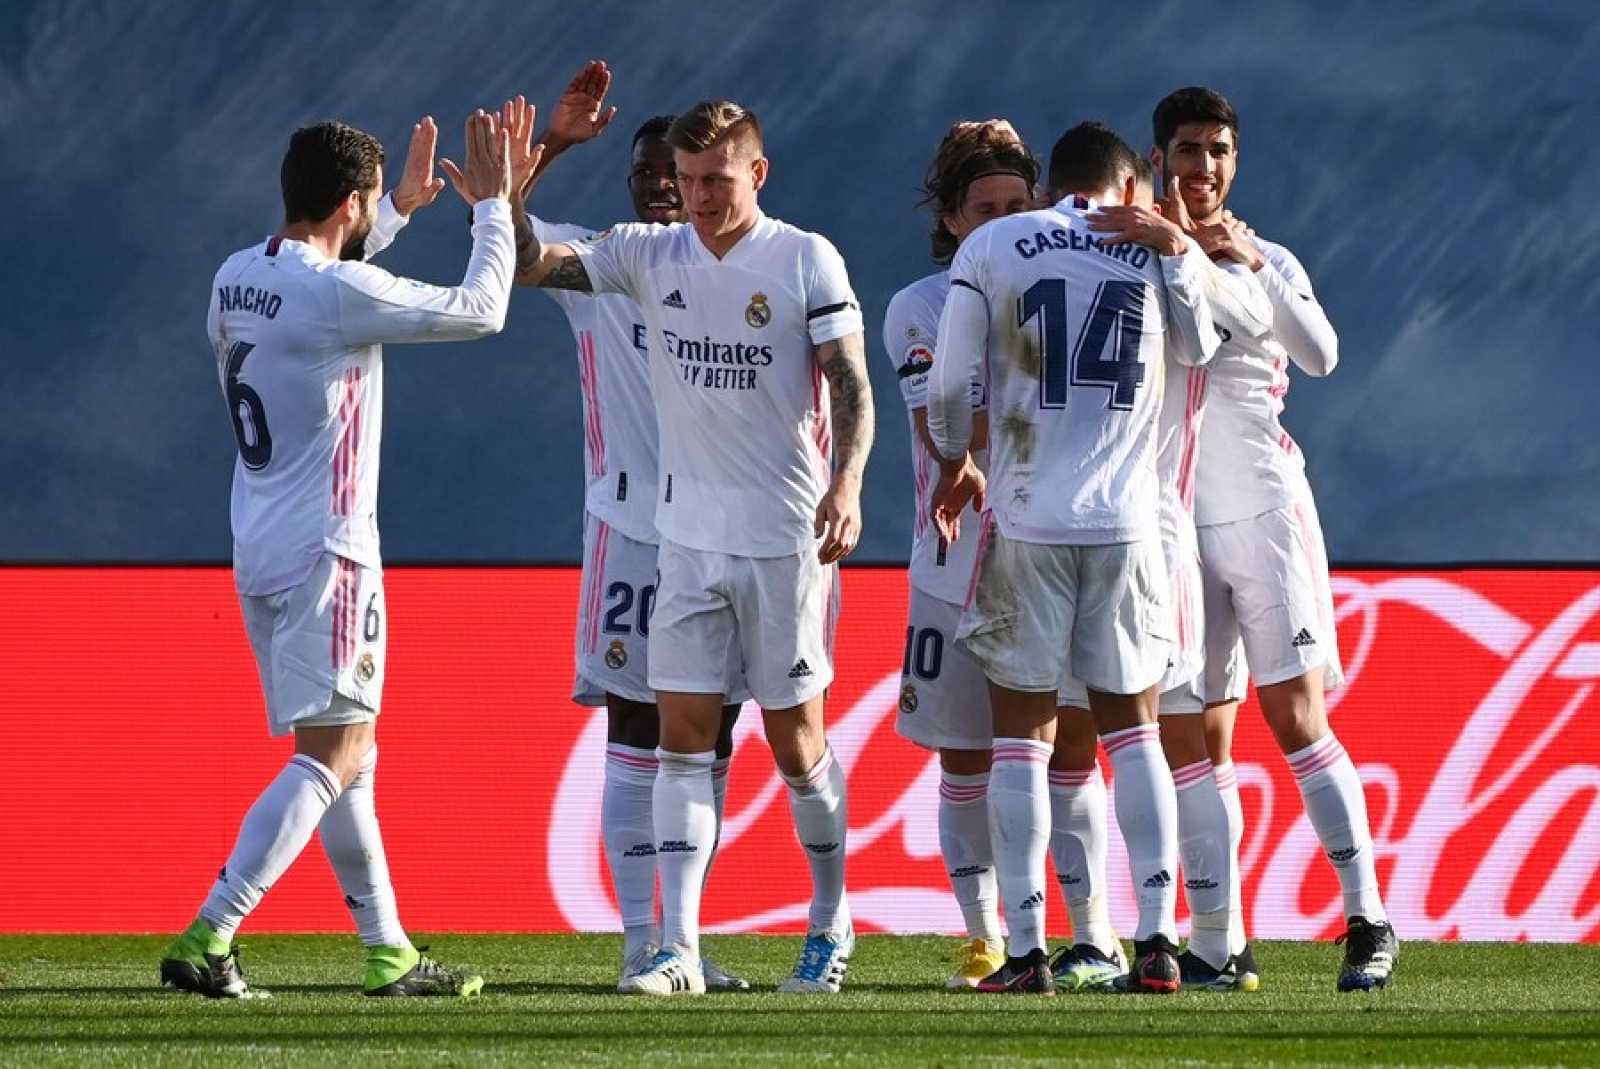 Tablero deportivo - El Real Madrid le complica la vida al Valencia CF - Escuchar ahora